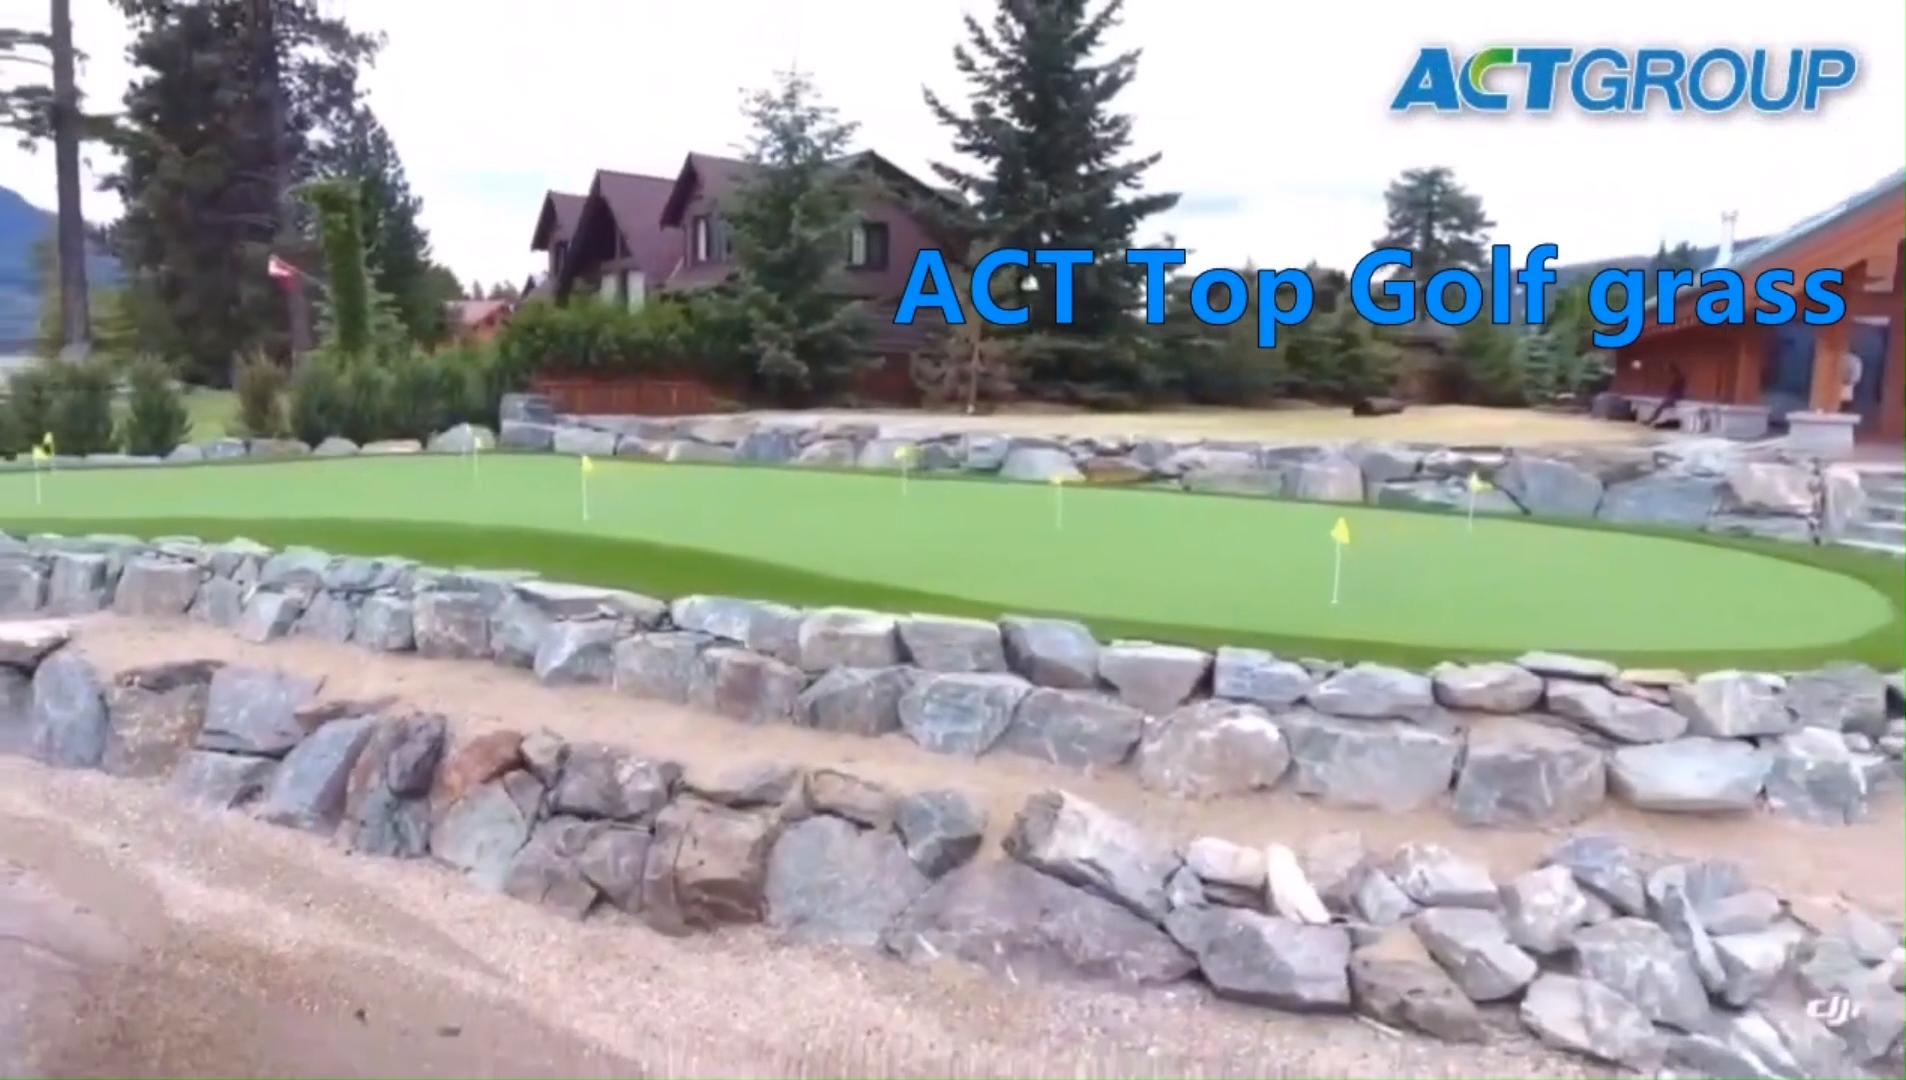 Mehrzweck-Minigolf Putting Green, Golf rasen gras, Kunstrasen teppich für Golf